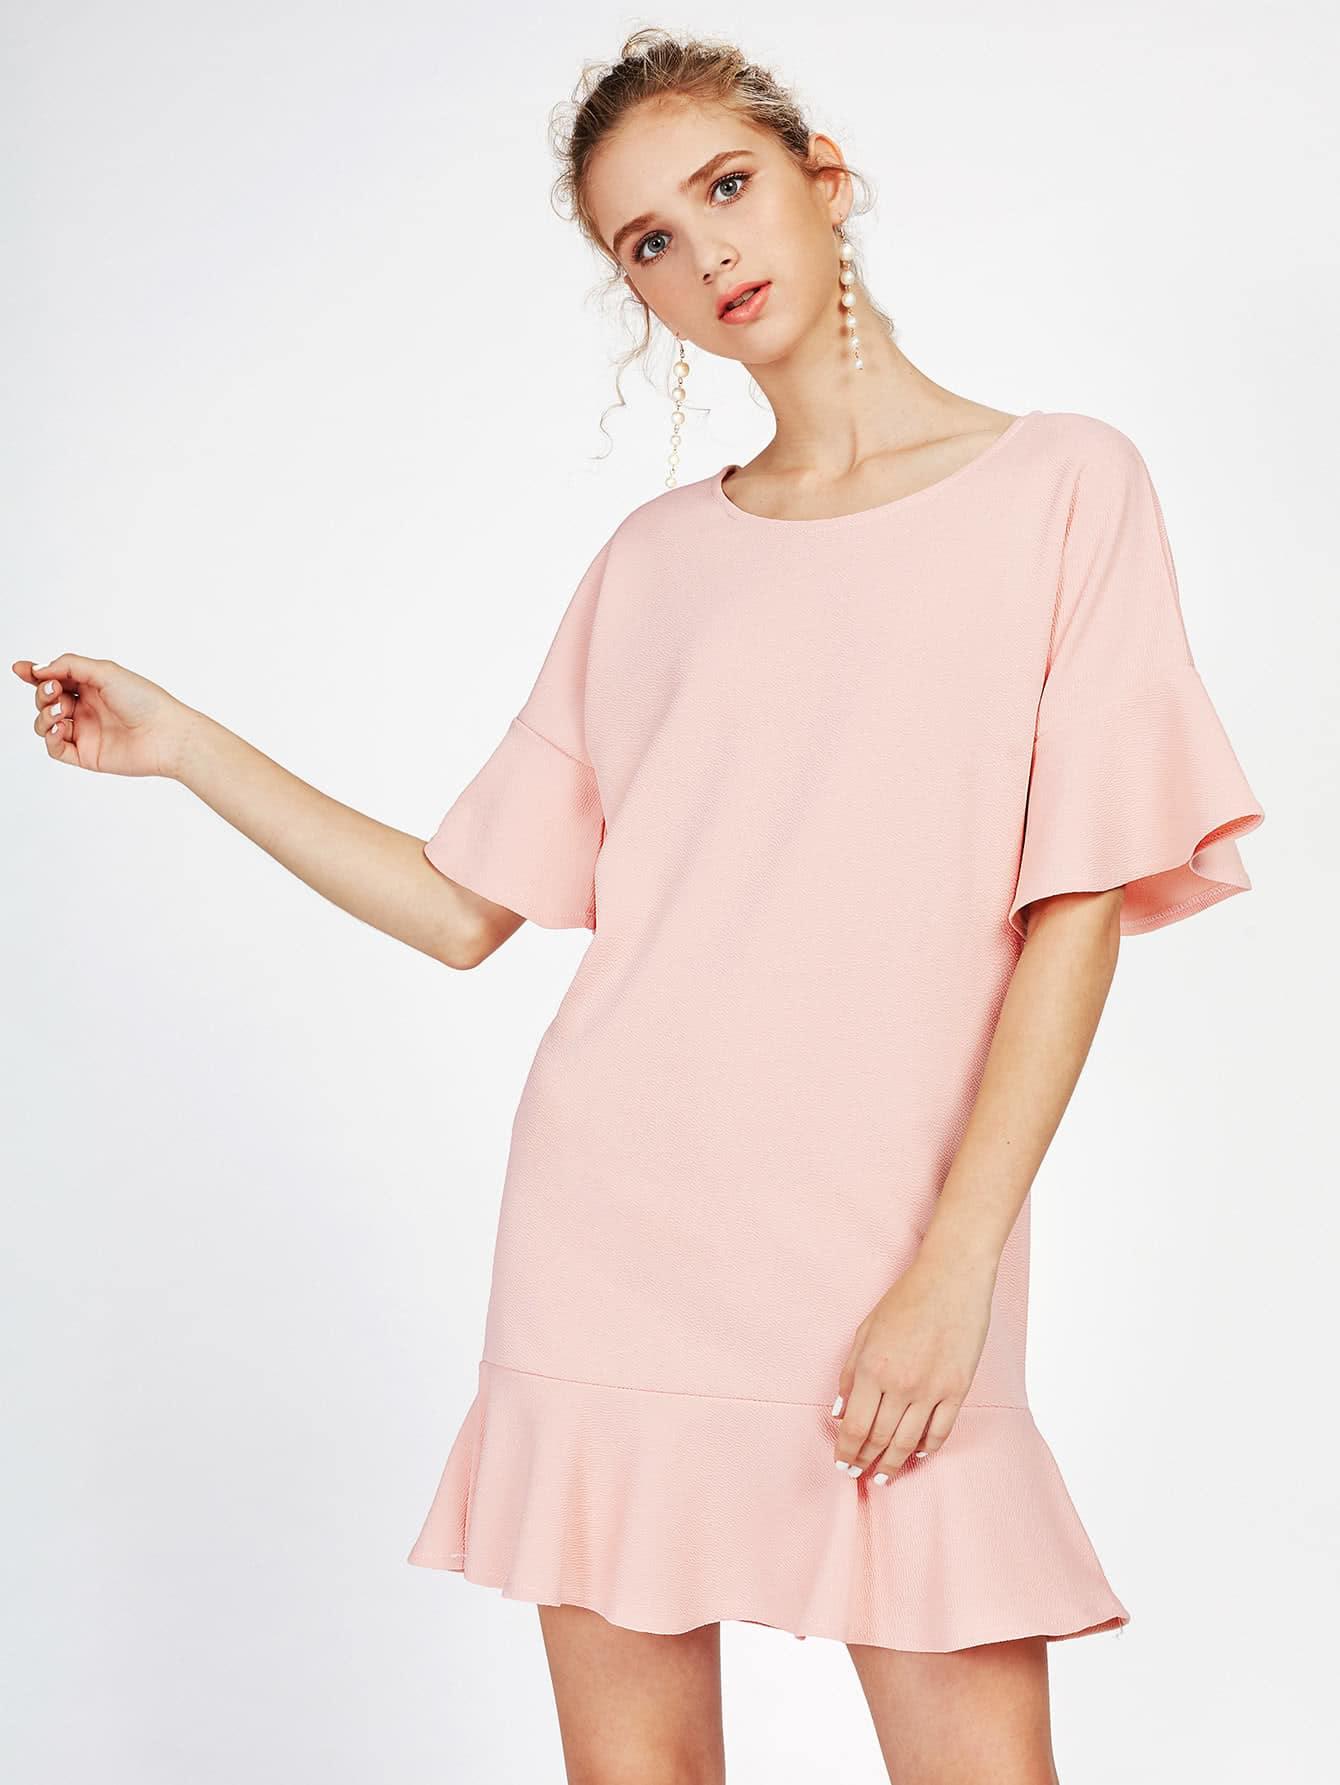 Frill Trim Drop Hem Dress dress170706102